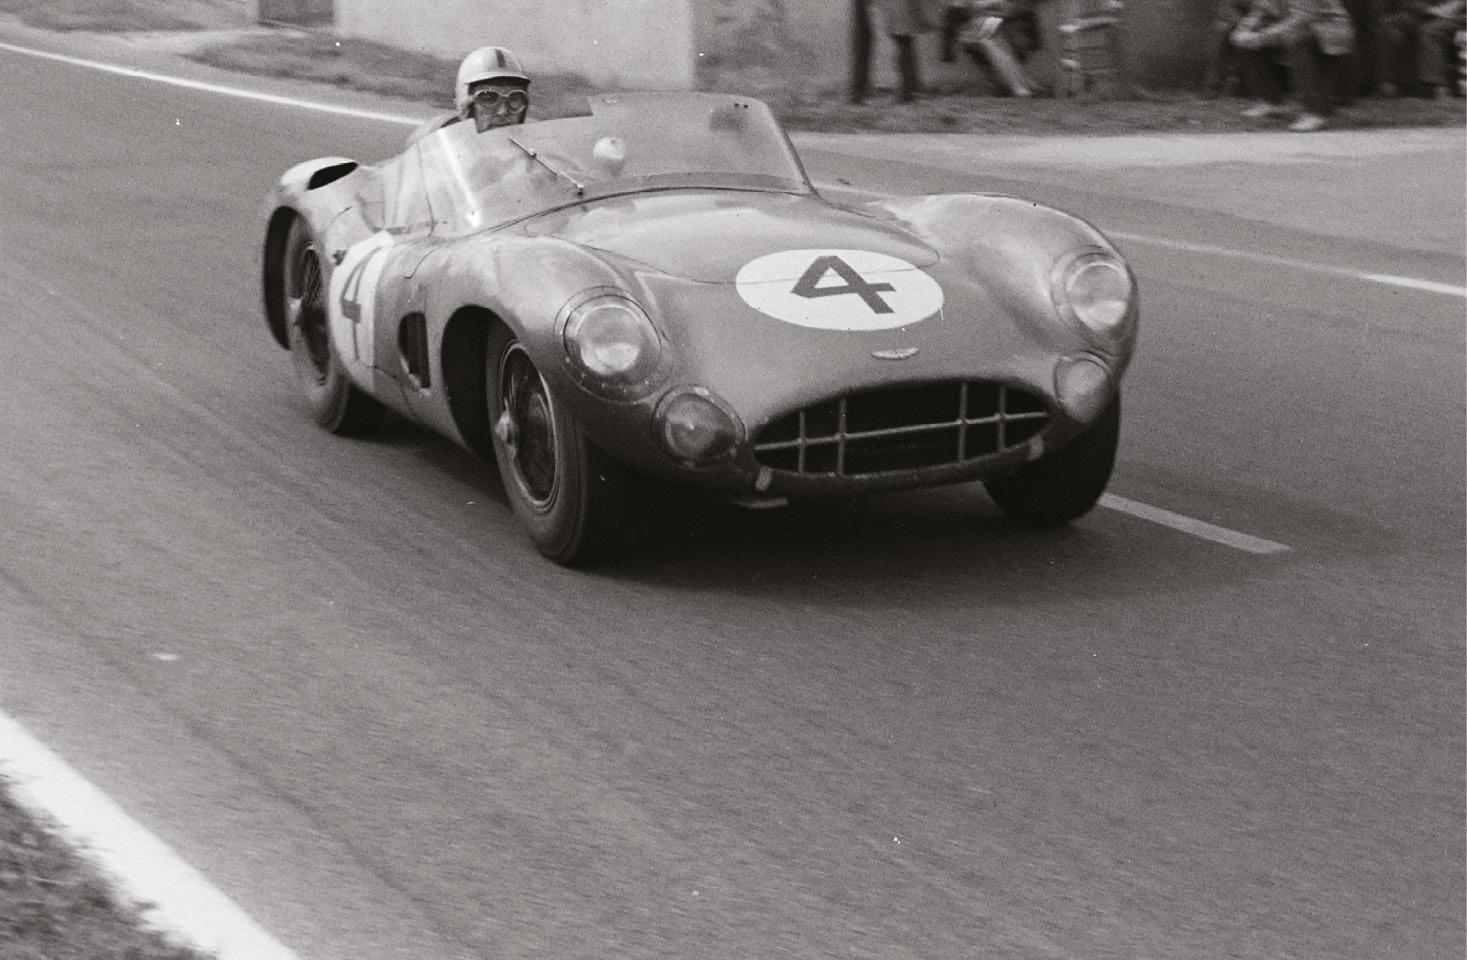 Ogier also ran a DBR1/300 in 1961 Le Mans